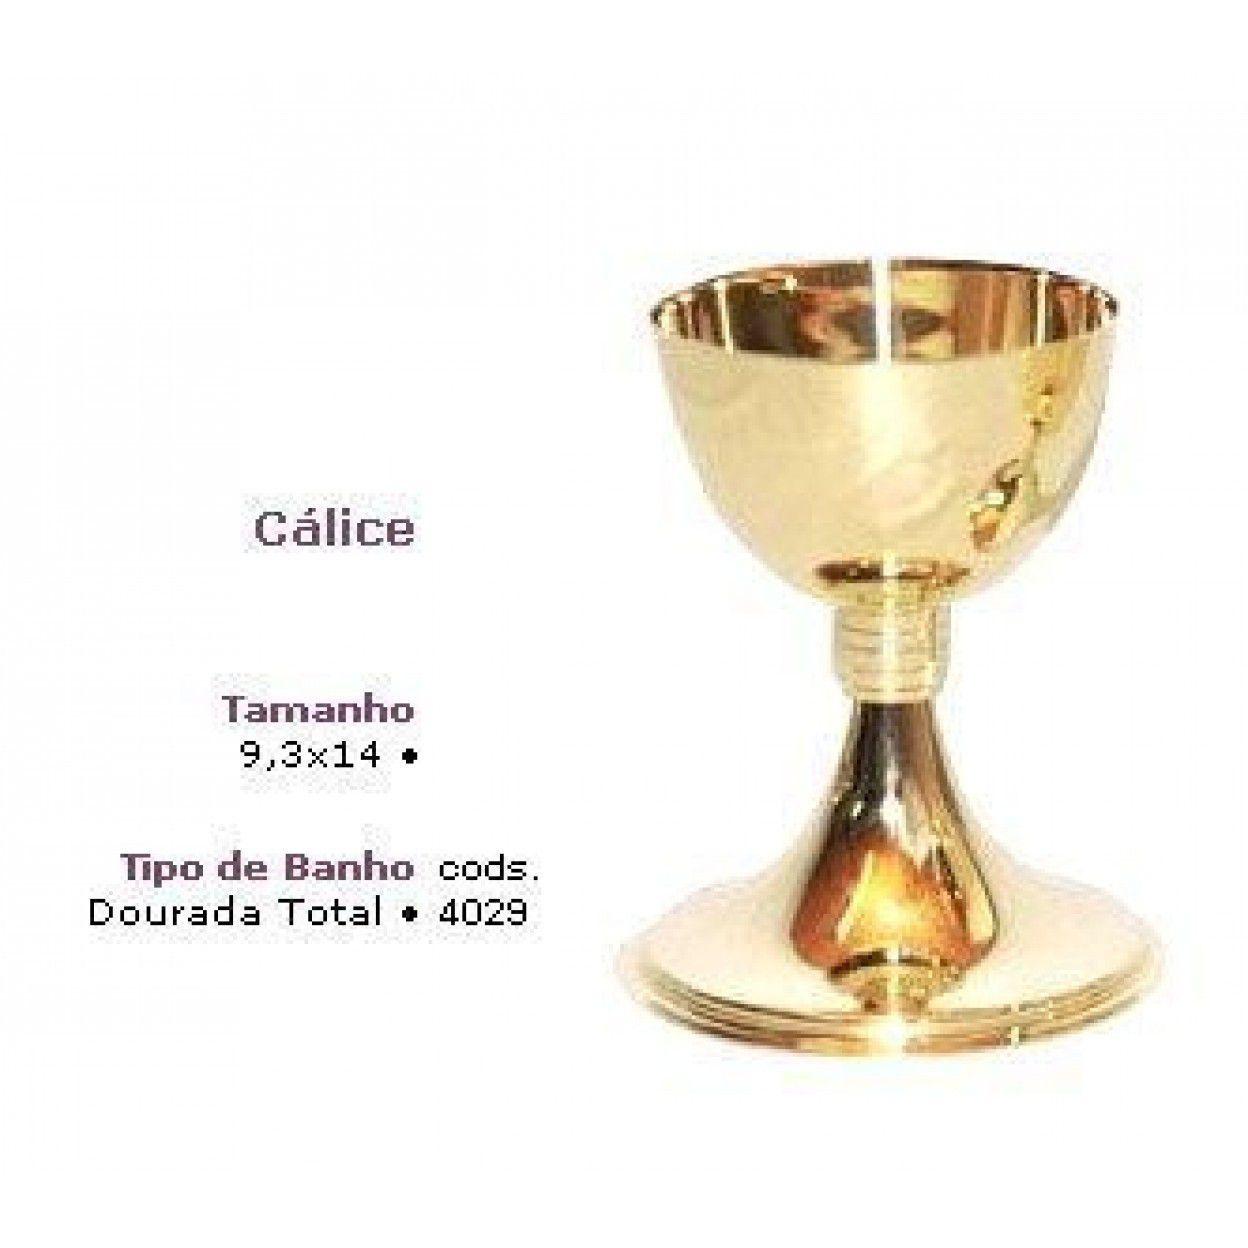 CÁLICE DOURADO 4029 - 14CM